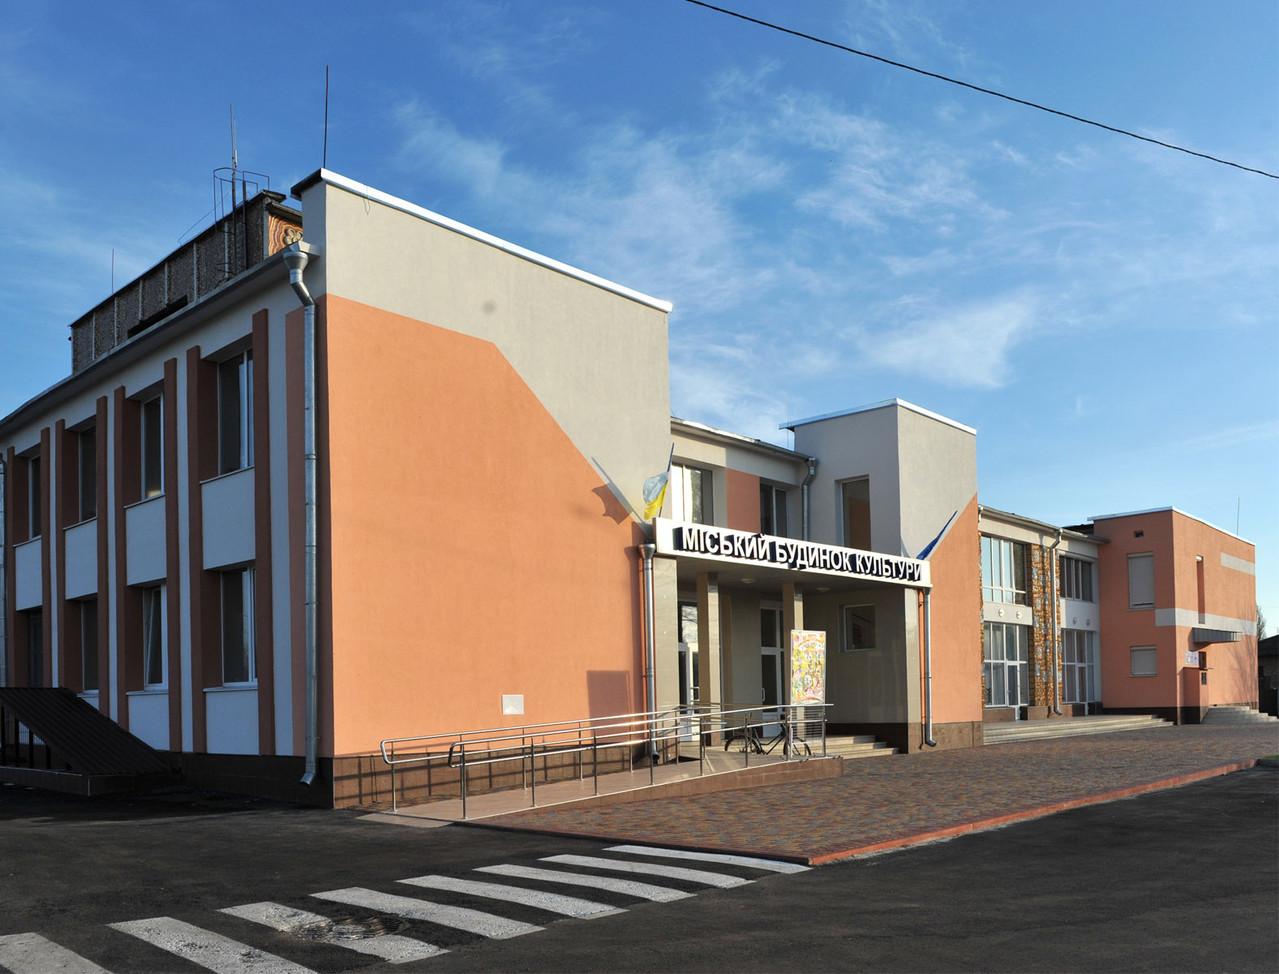 Реконструкція міського будинку культури по вул. Сергія Оврашка, 1 в м. Бориспіль